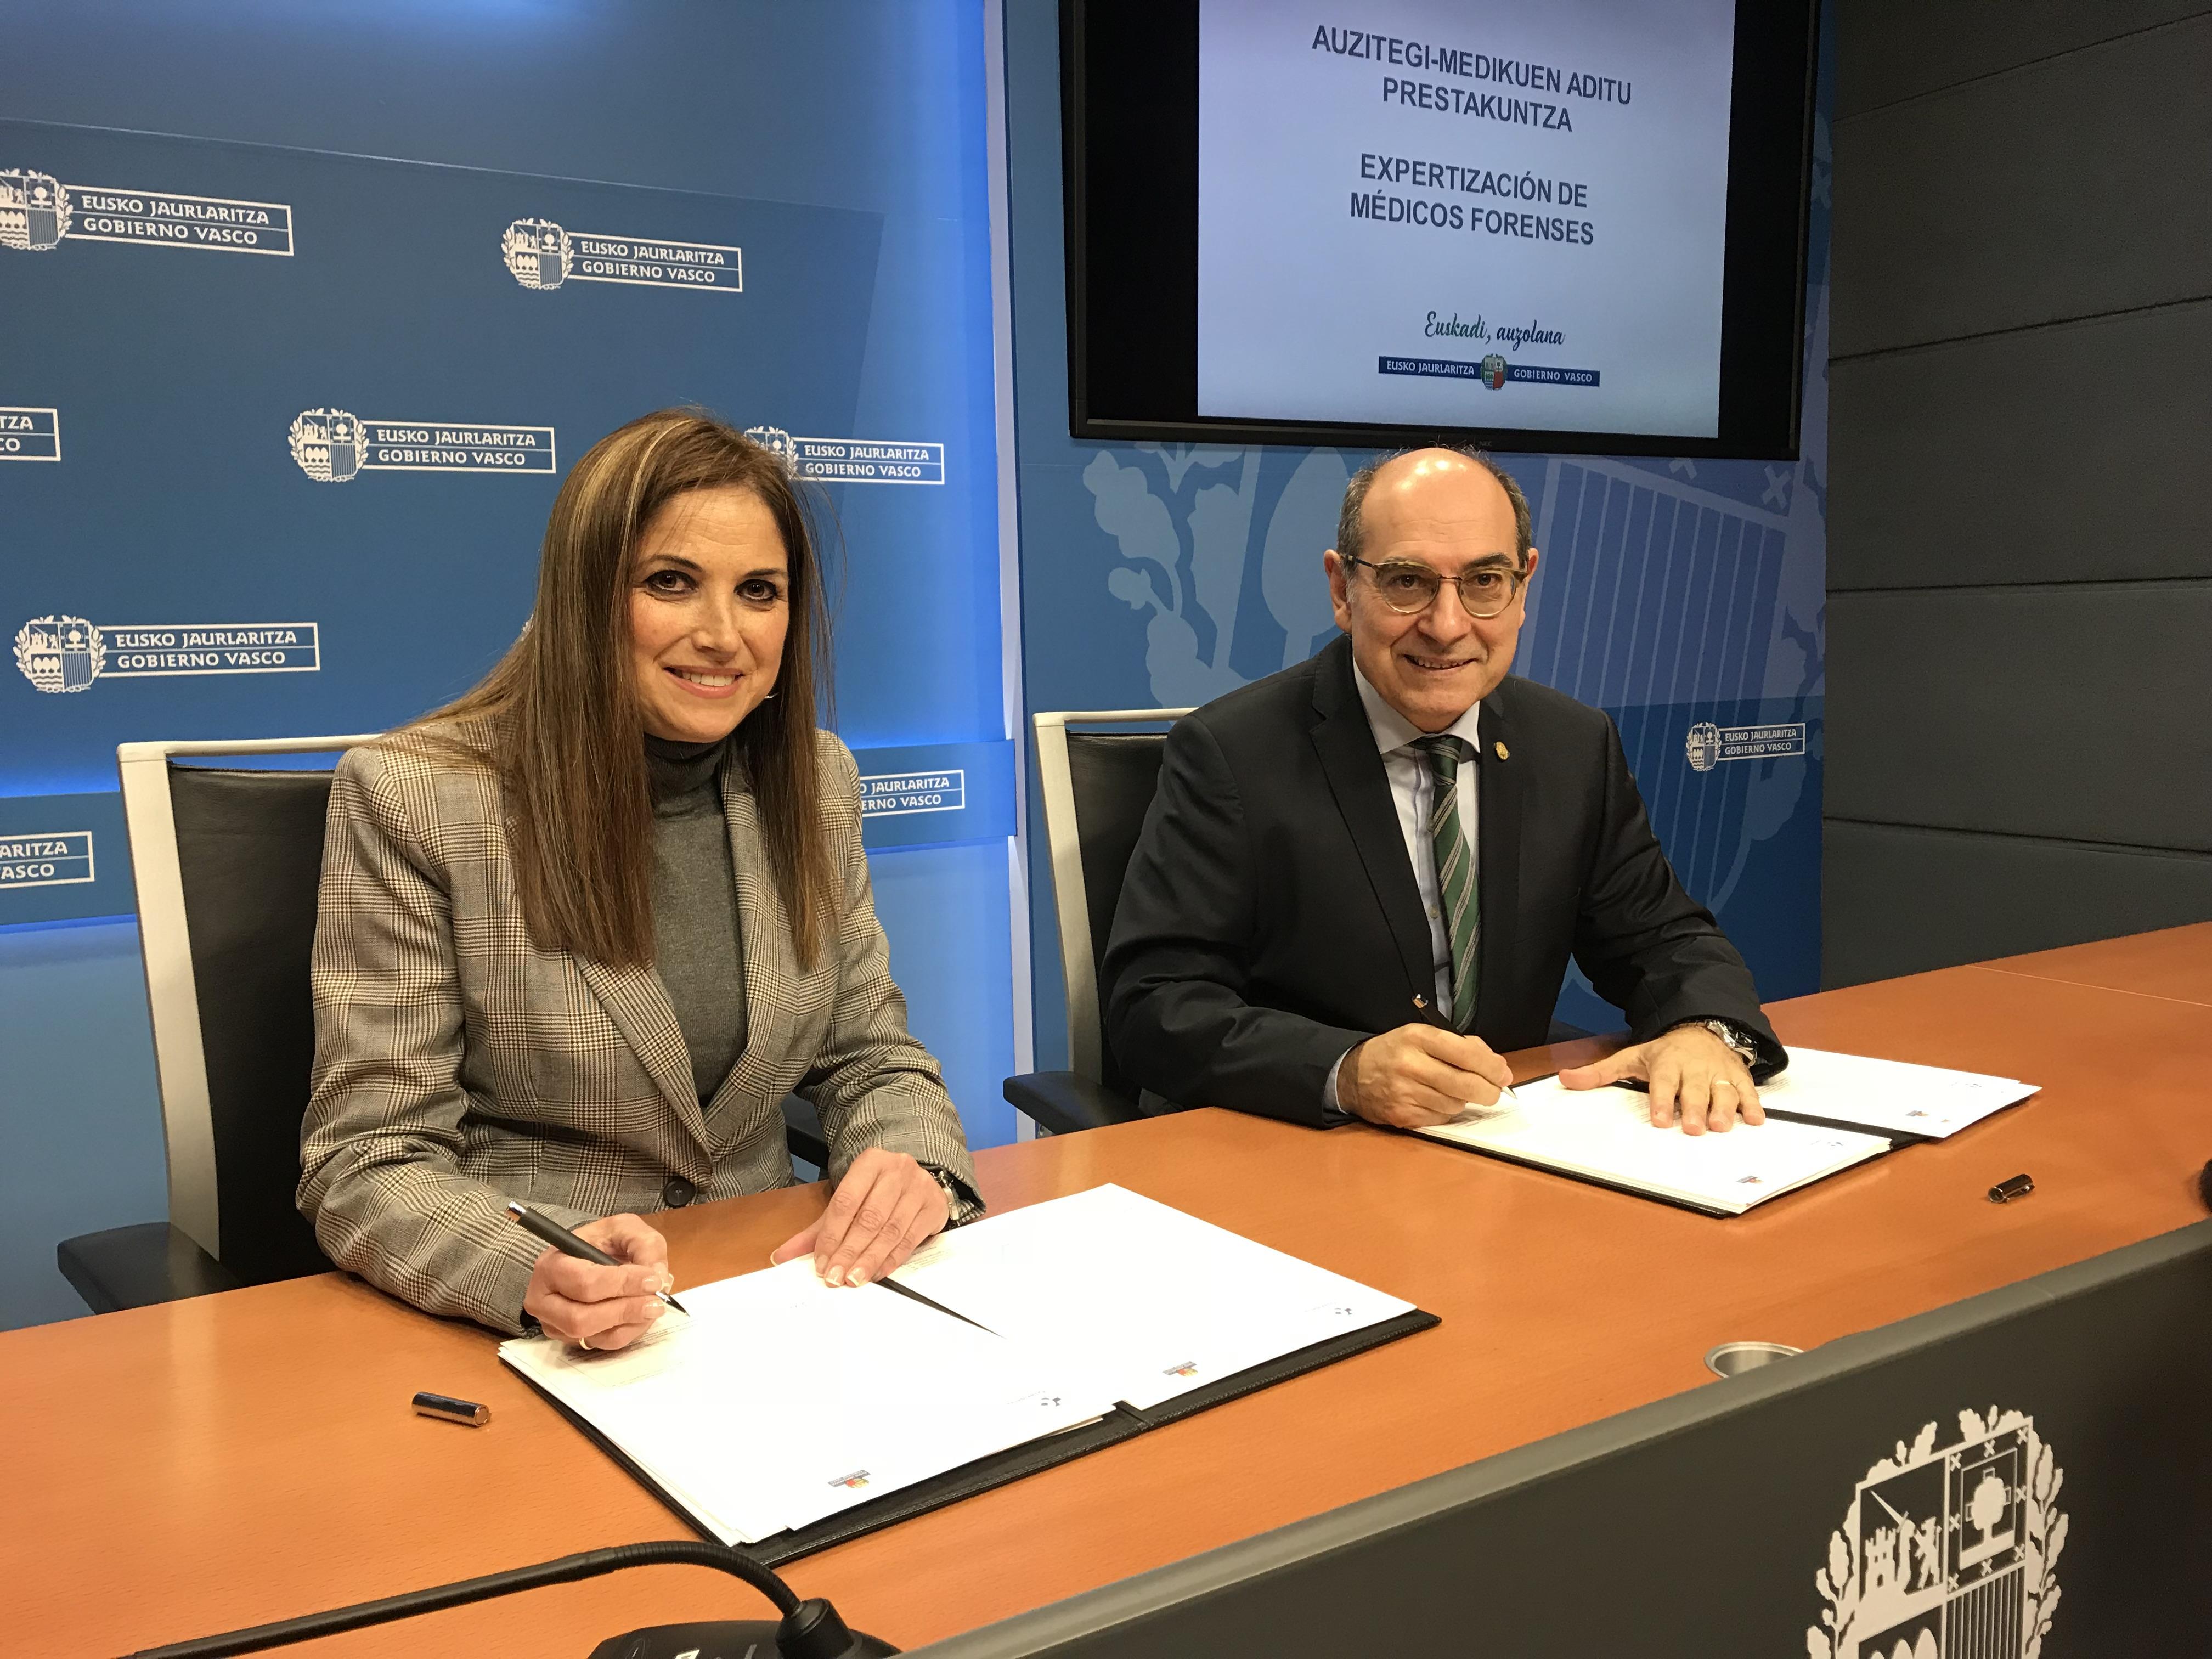 El Departamento de Salud y el Departamento de Trabajo y Justicia firman un acuerdo para la formación de médicos forenses y la realización de pruebas periciales